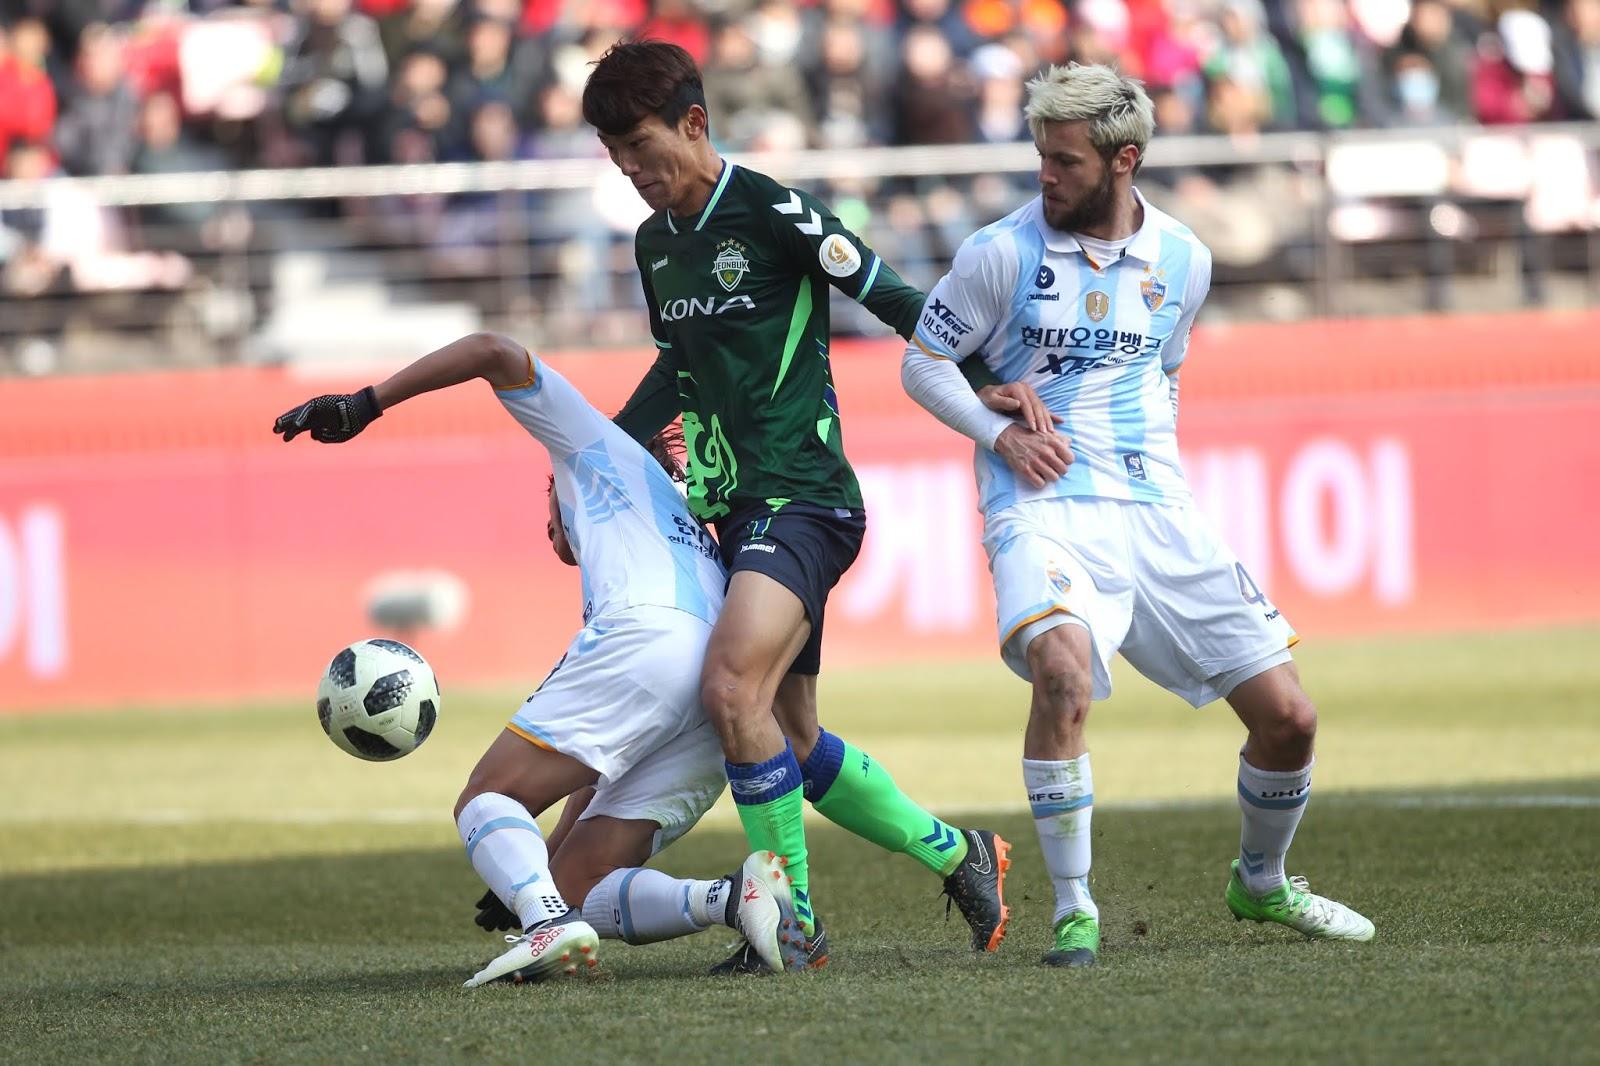 K League 1 Preview: Jeonbuk Hyundai Motors vs Ulsan Hyundai